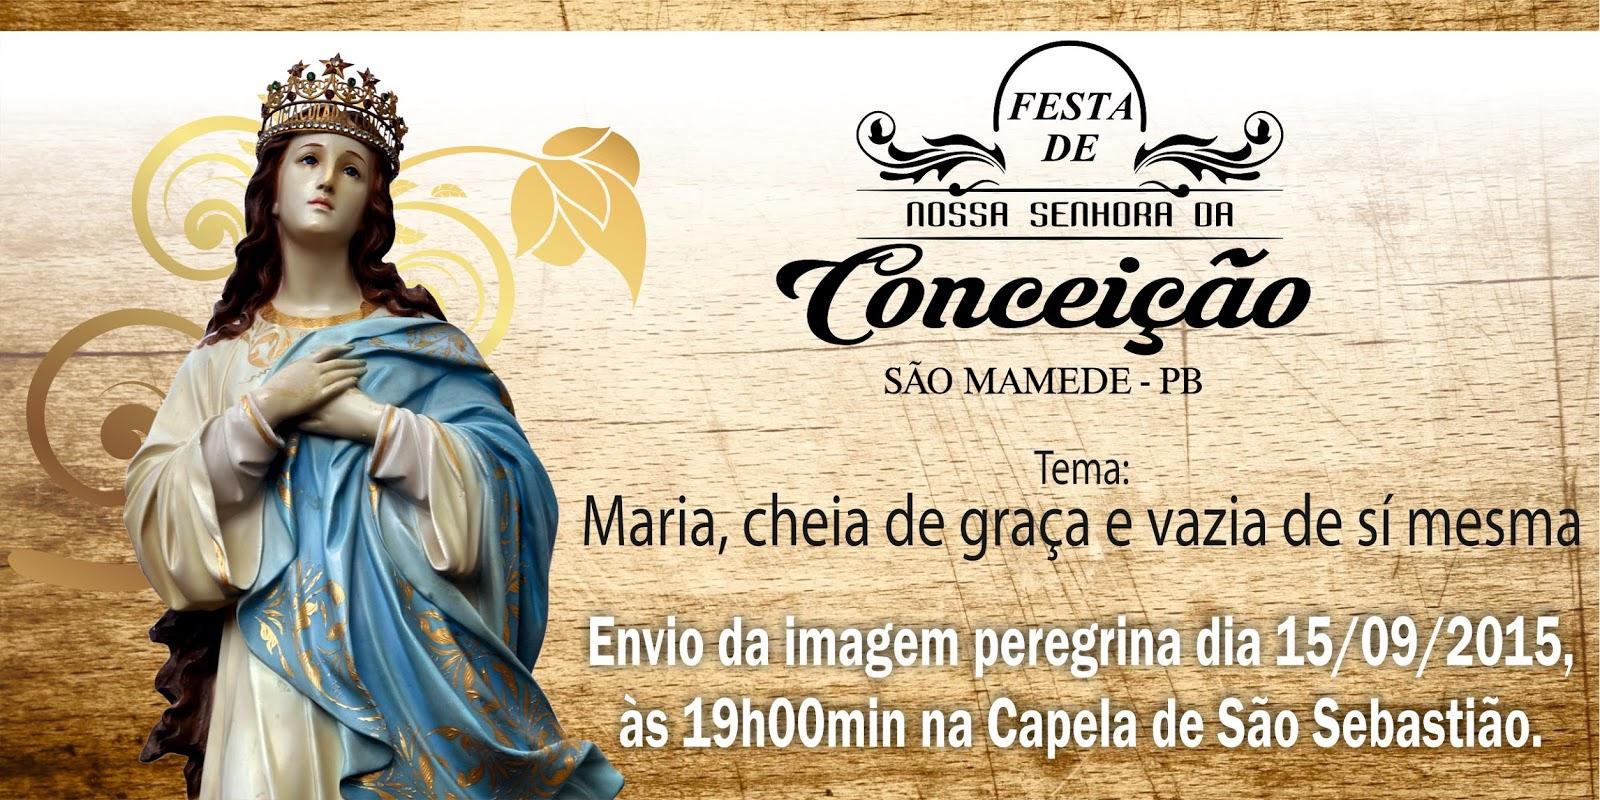 Icatolica Com Nossa Senhora Da Conceição Aparecida: São Mamede 1: Envio Da Imagem Peregrina Da Padroeira De